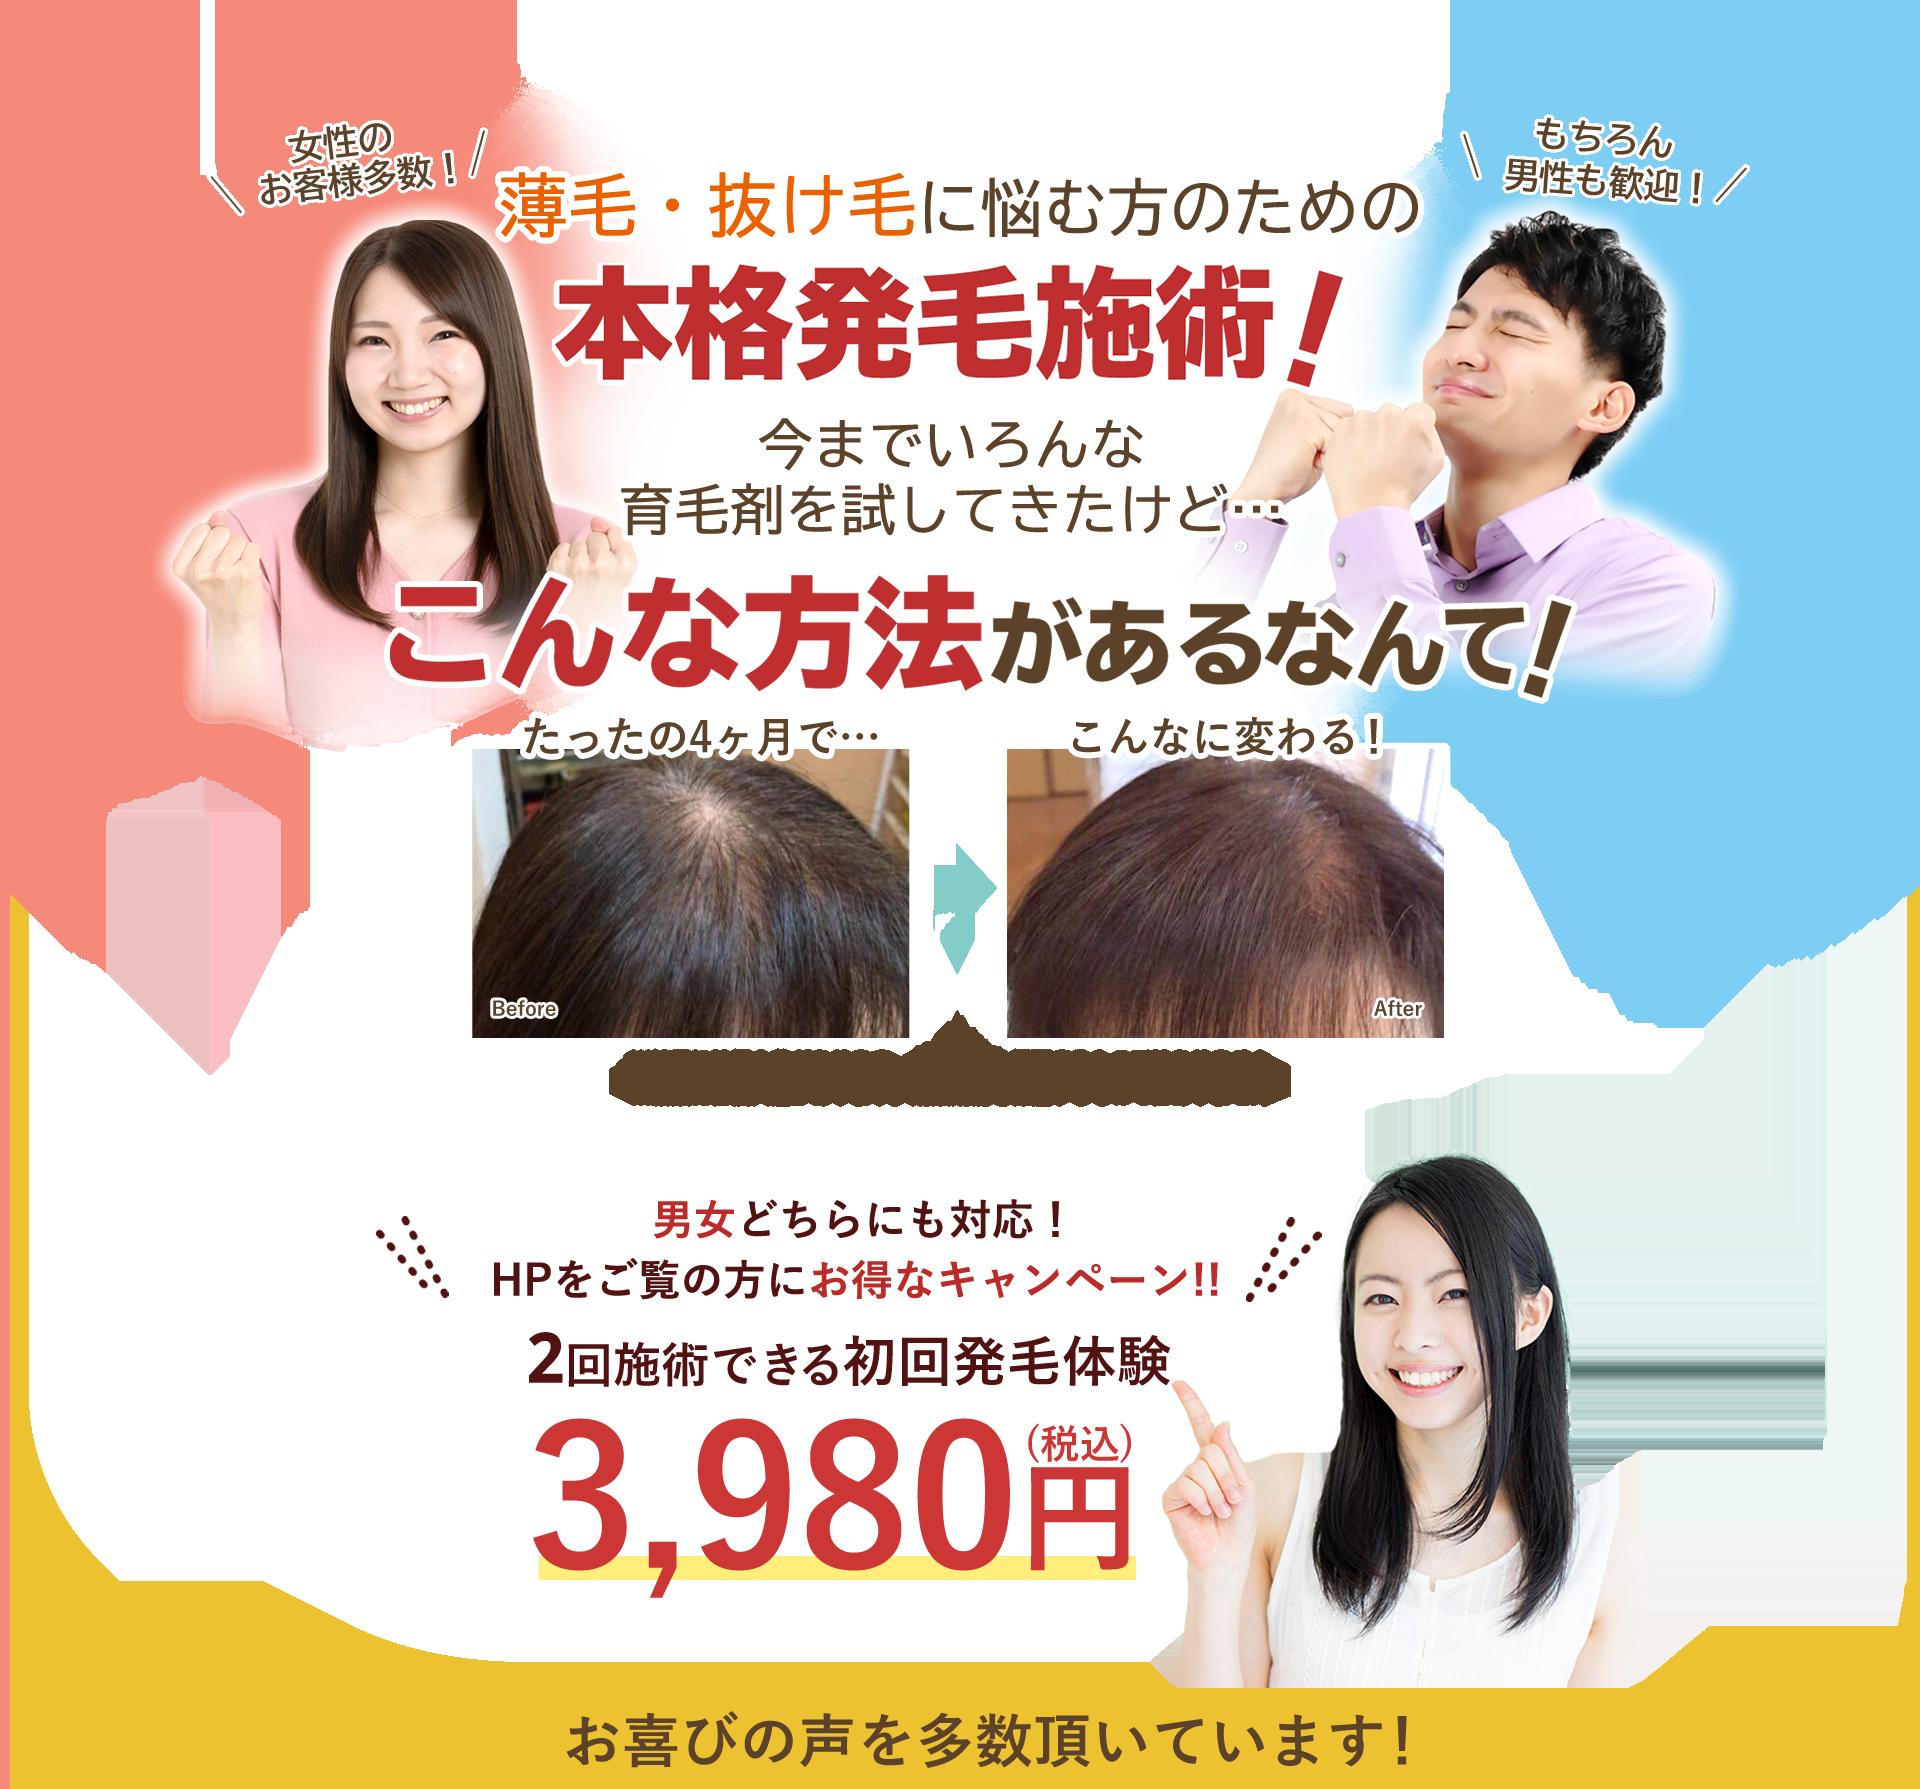 抜け毛・薄毛に悩む方のための「幹細胞培養液」を使用した本格施術